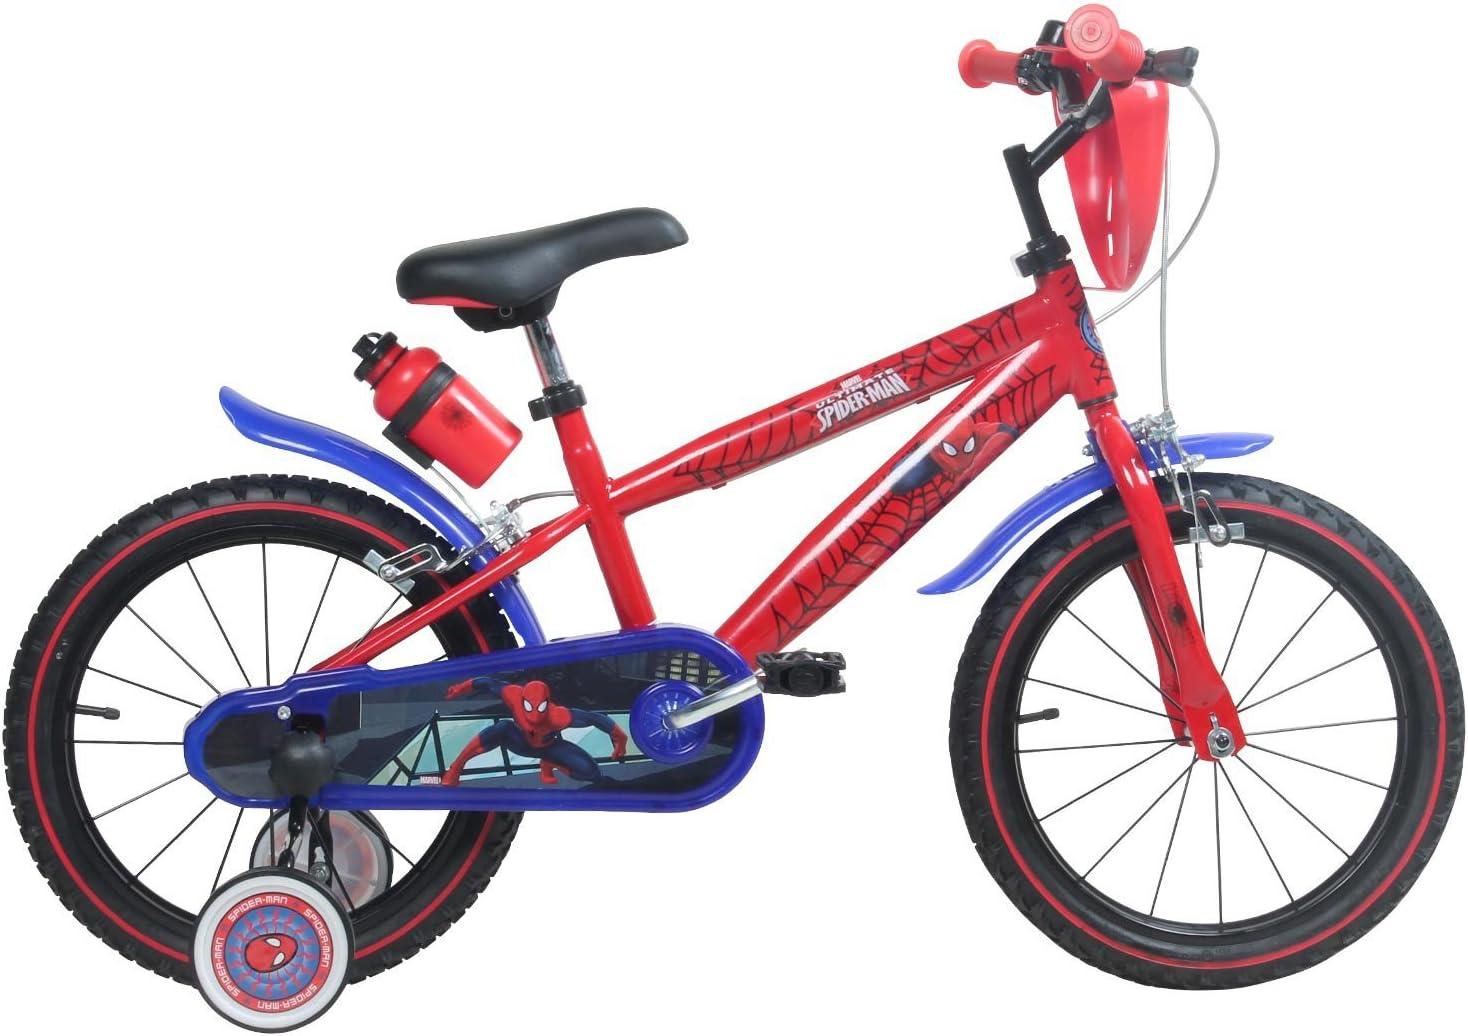 Bicicleta 16 pulgadas Marvel Spiderman Niños para niños a partir ...